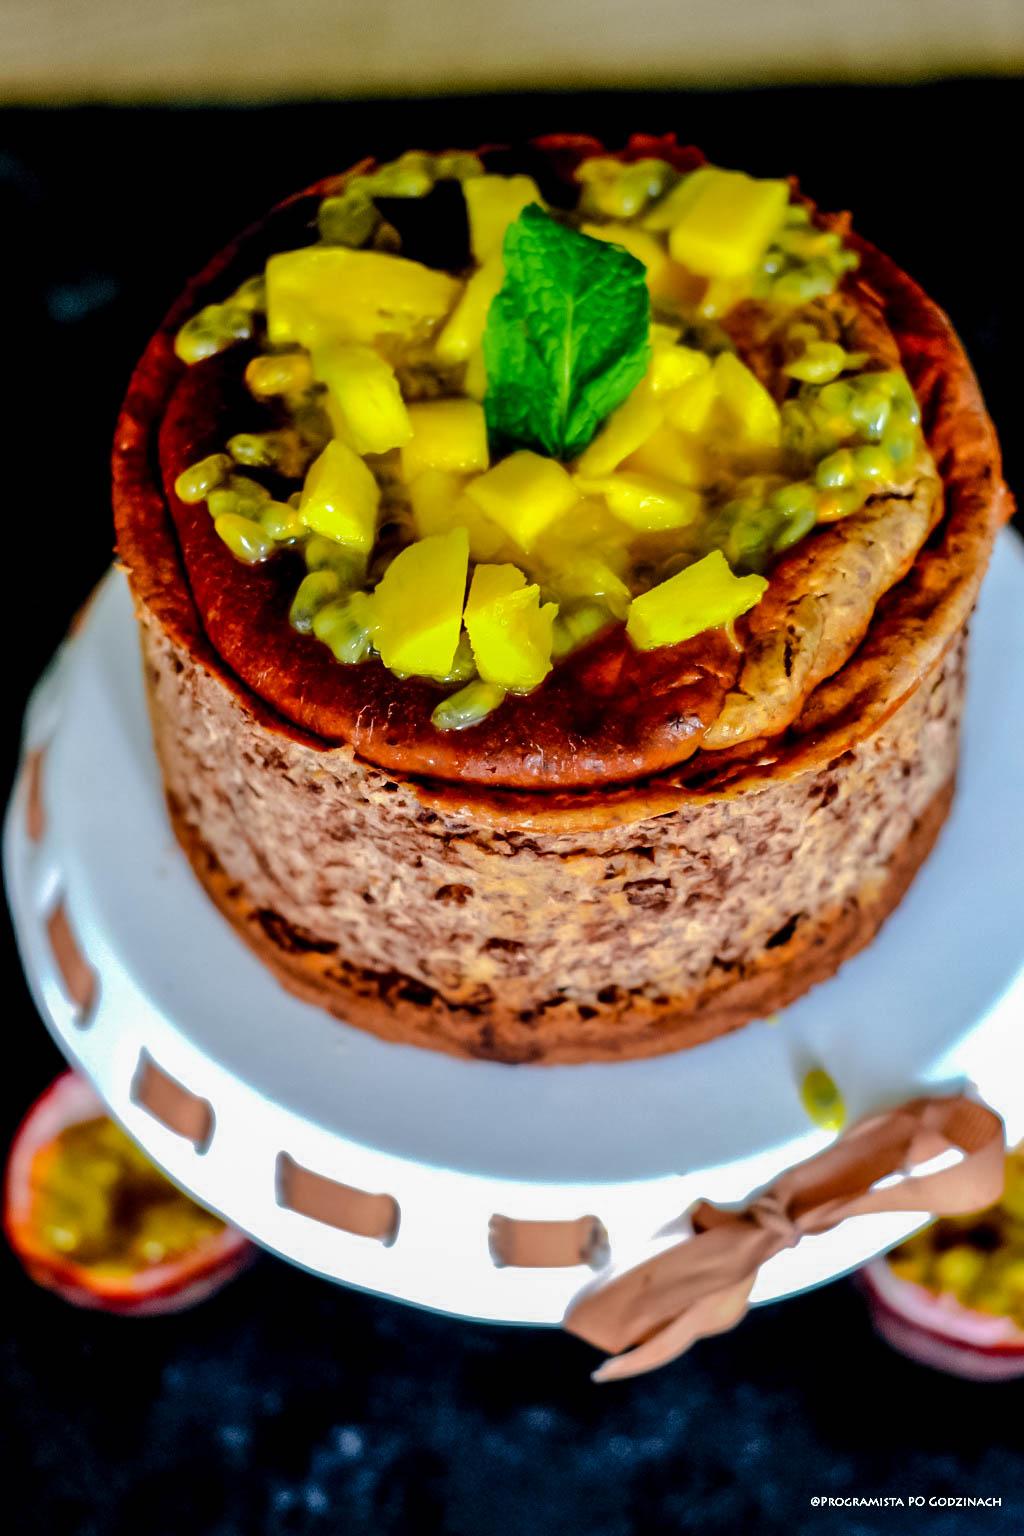 Sernik czekoladowy bez cukru z mango i marakują